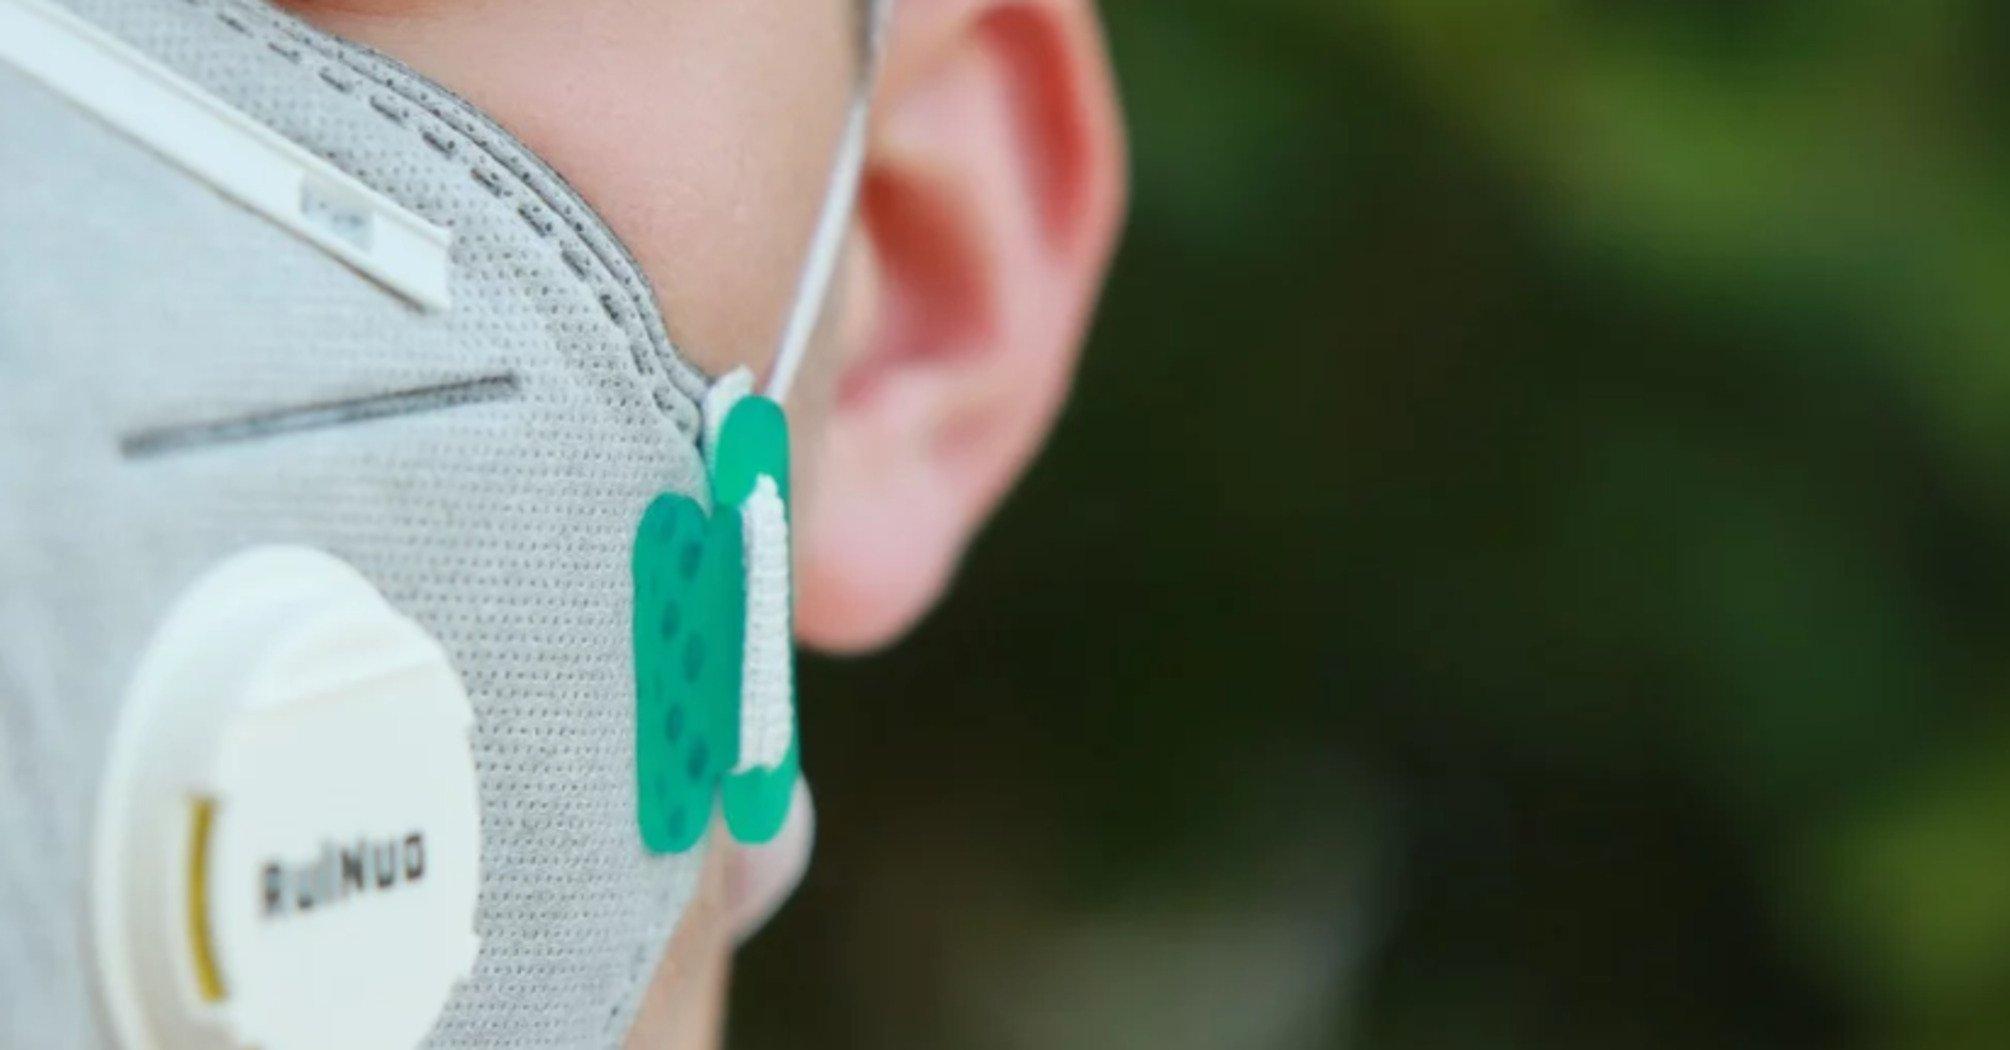 Академія меднаук пропонує лікувати коронавірус в Україні дорогою настоянкою сумнівної ефективності